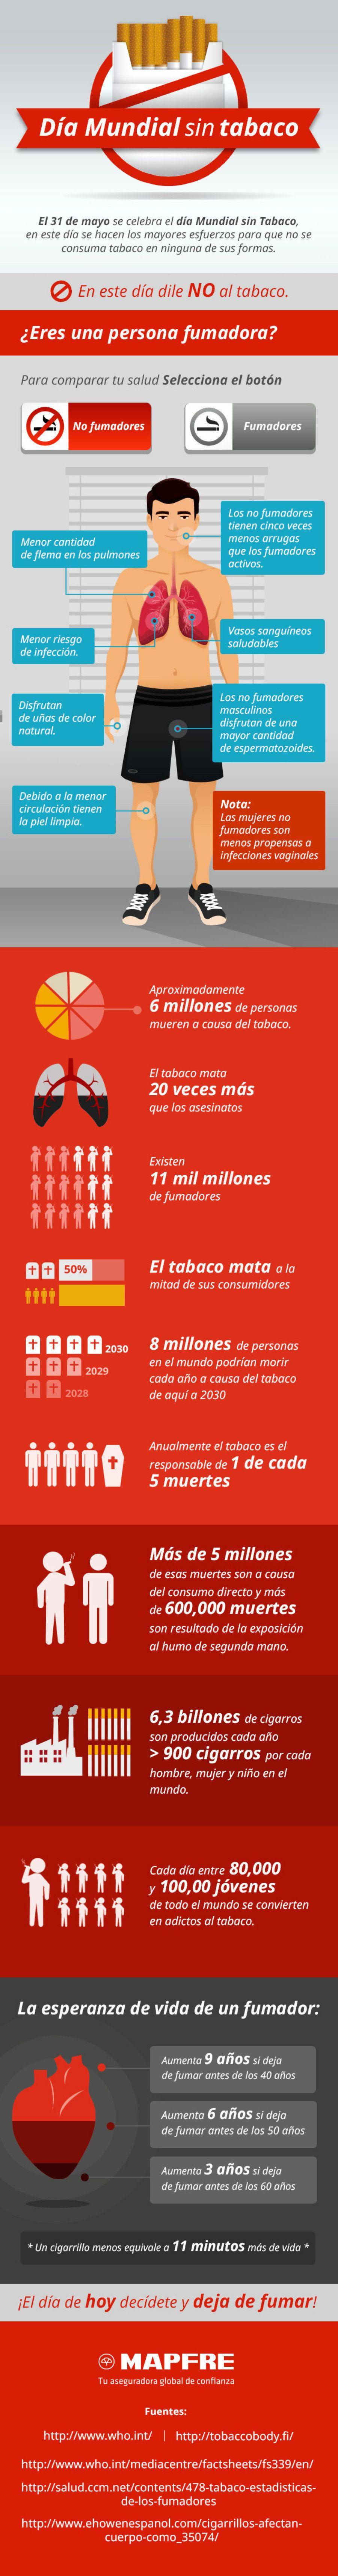 Cómo afecta el tabaco a la salud de los fumadores